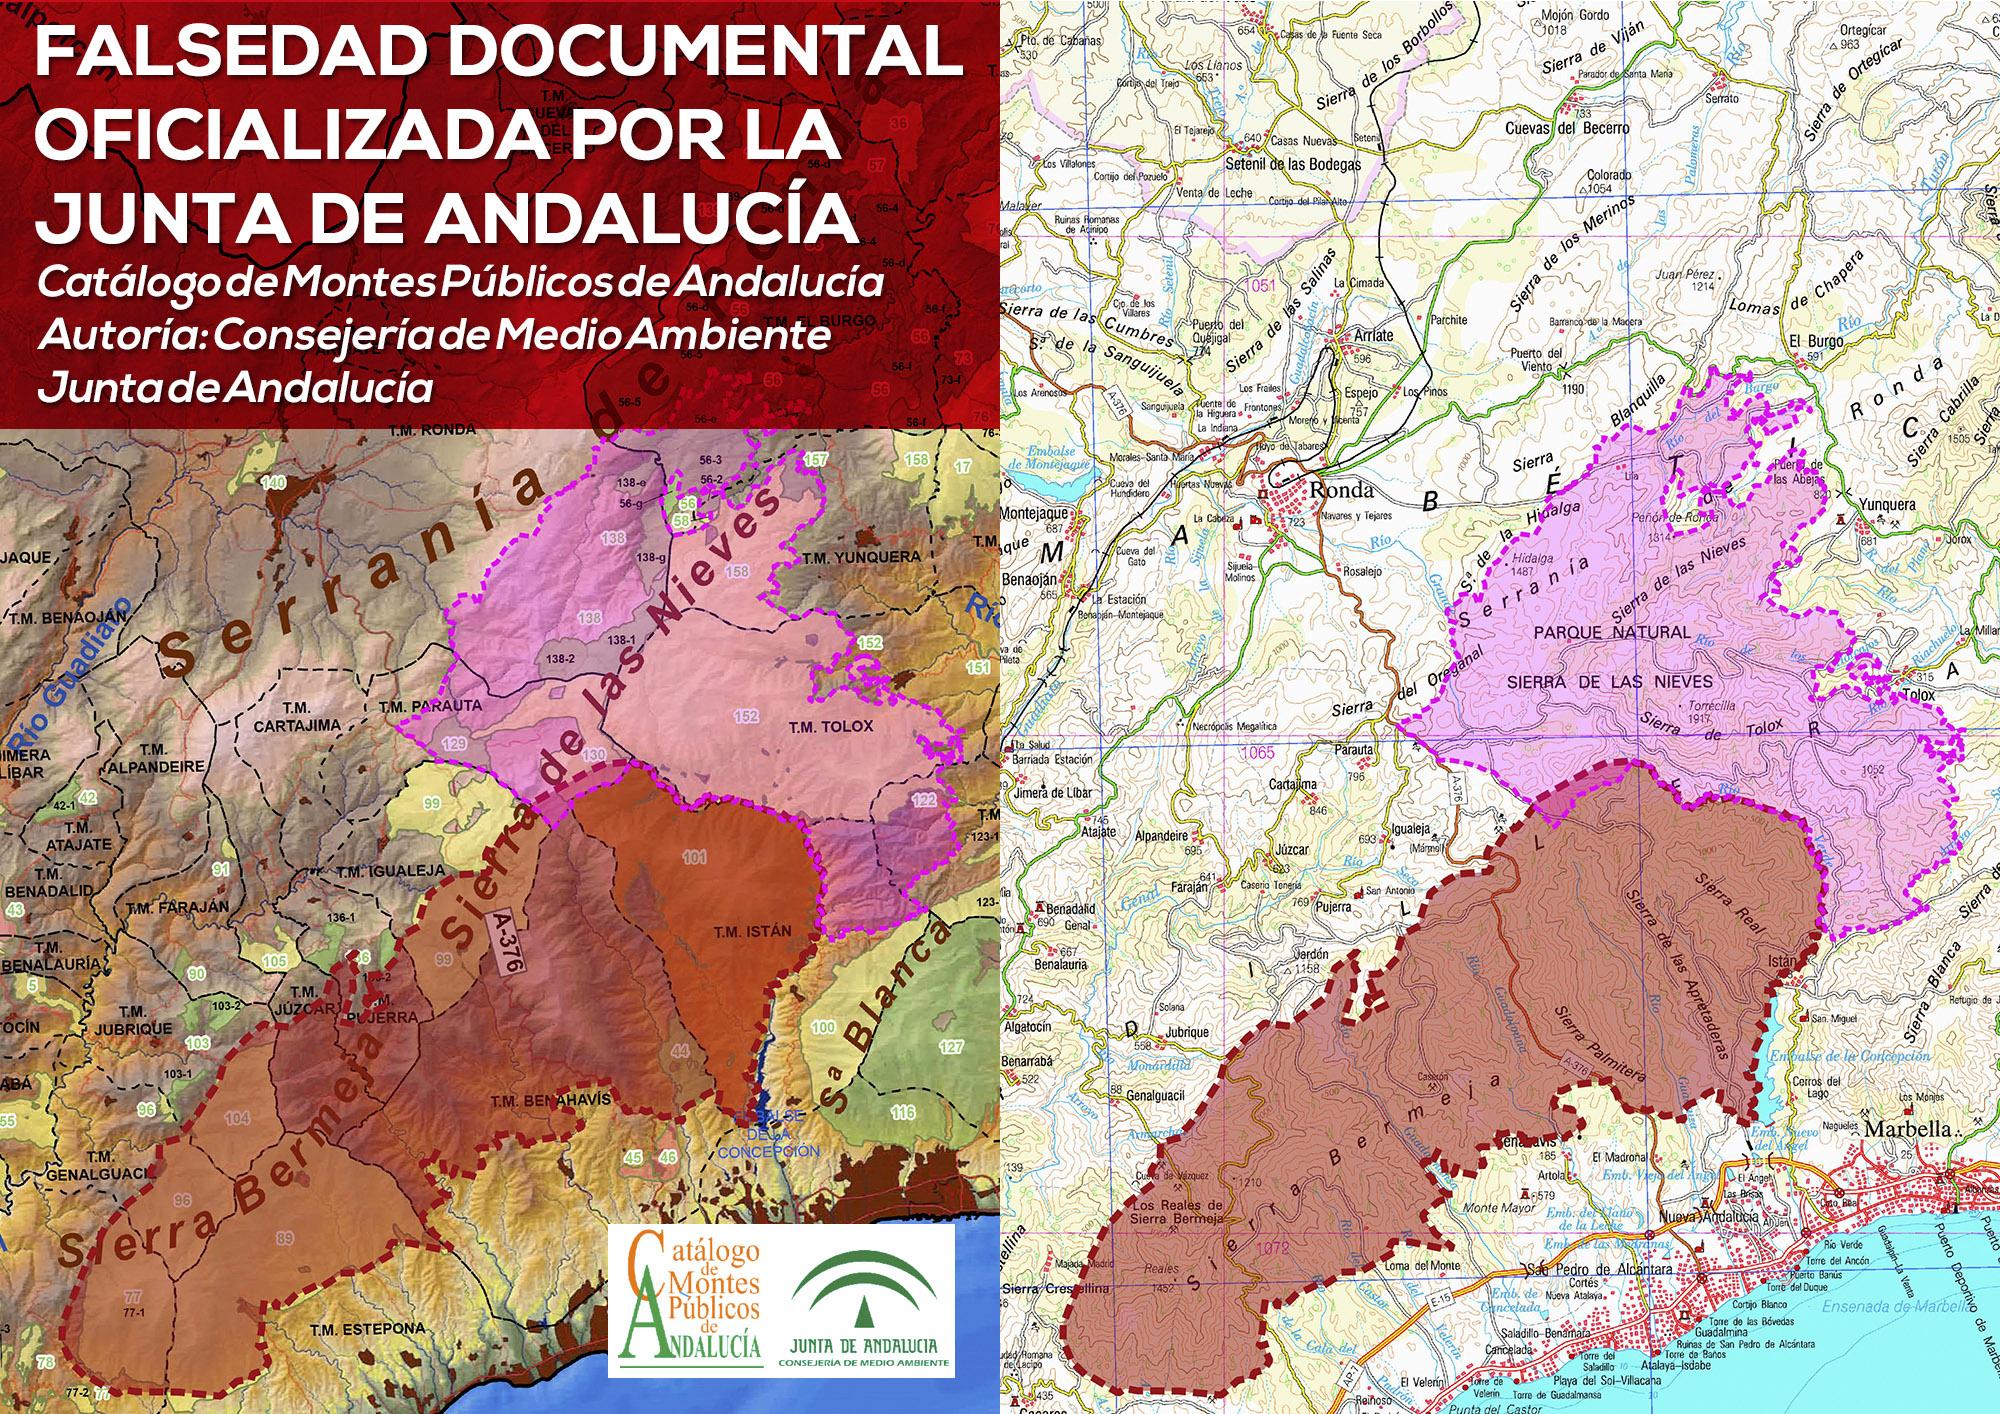 Catálogo de Montes Públicos de la Junta de Andalucía